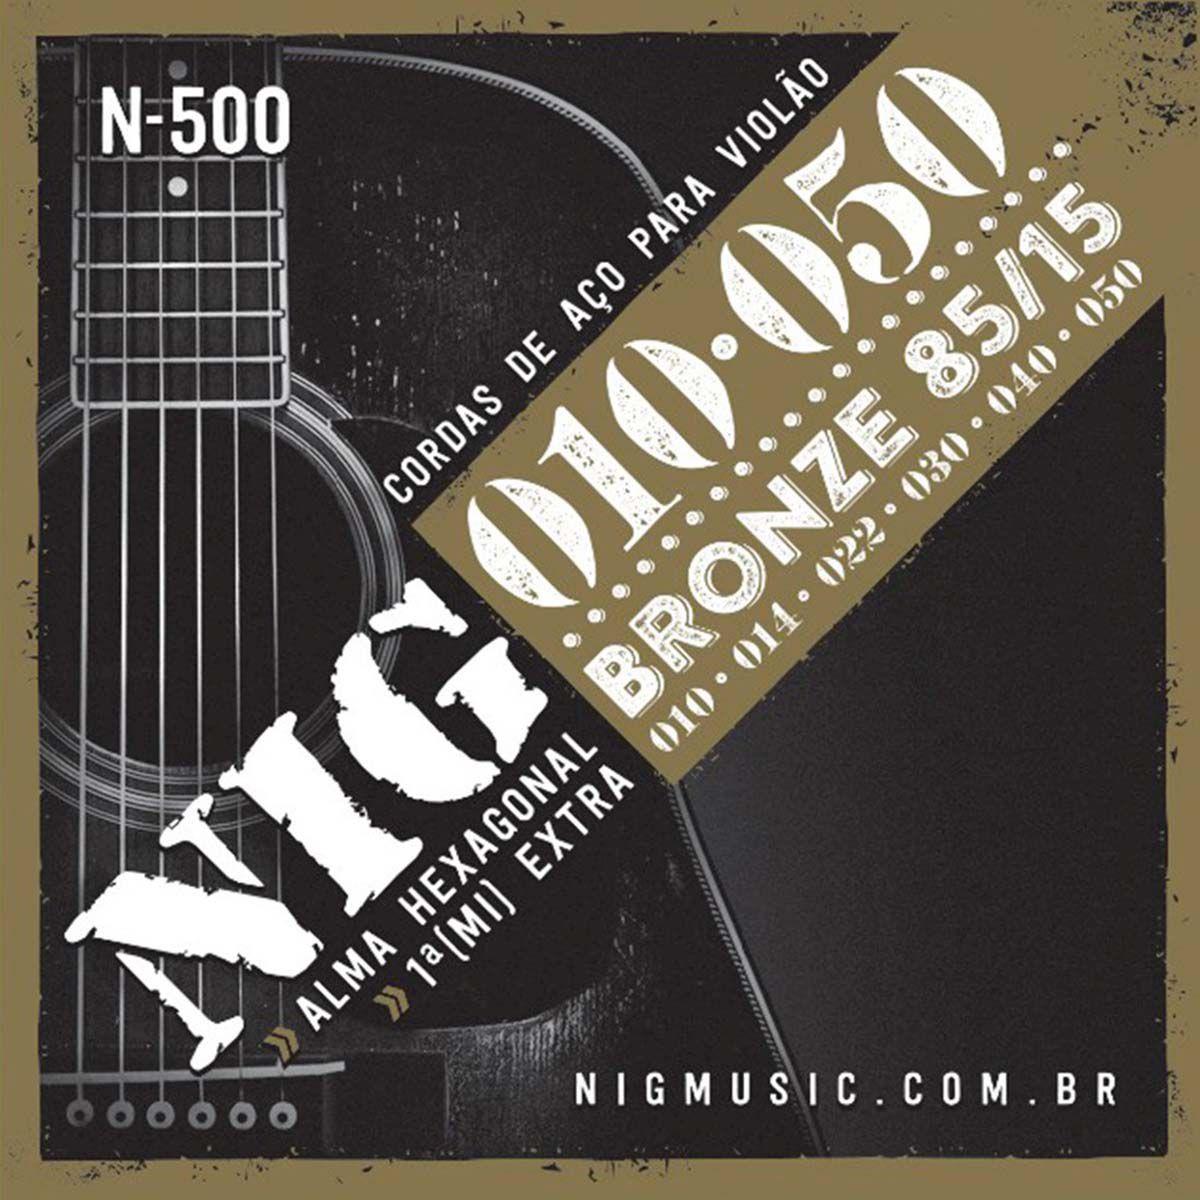 Encordoamento Nig N-500 Bronze 85/15 010/050 para Violão Aço